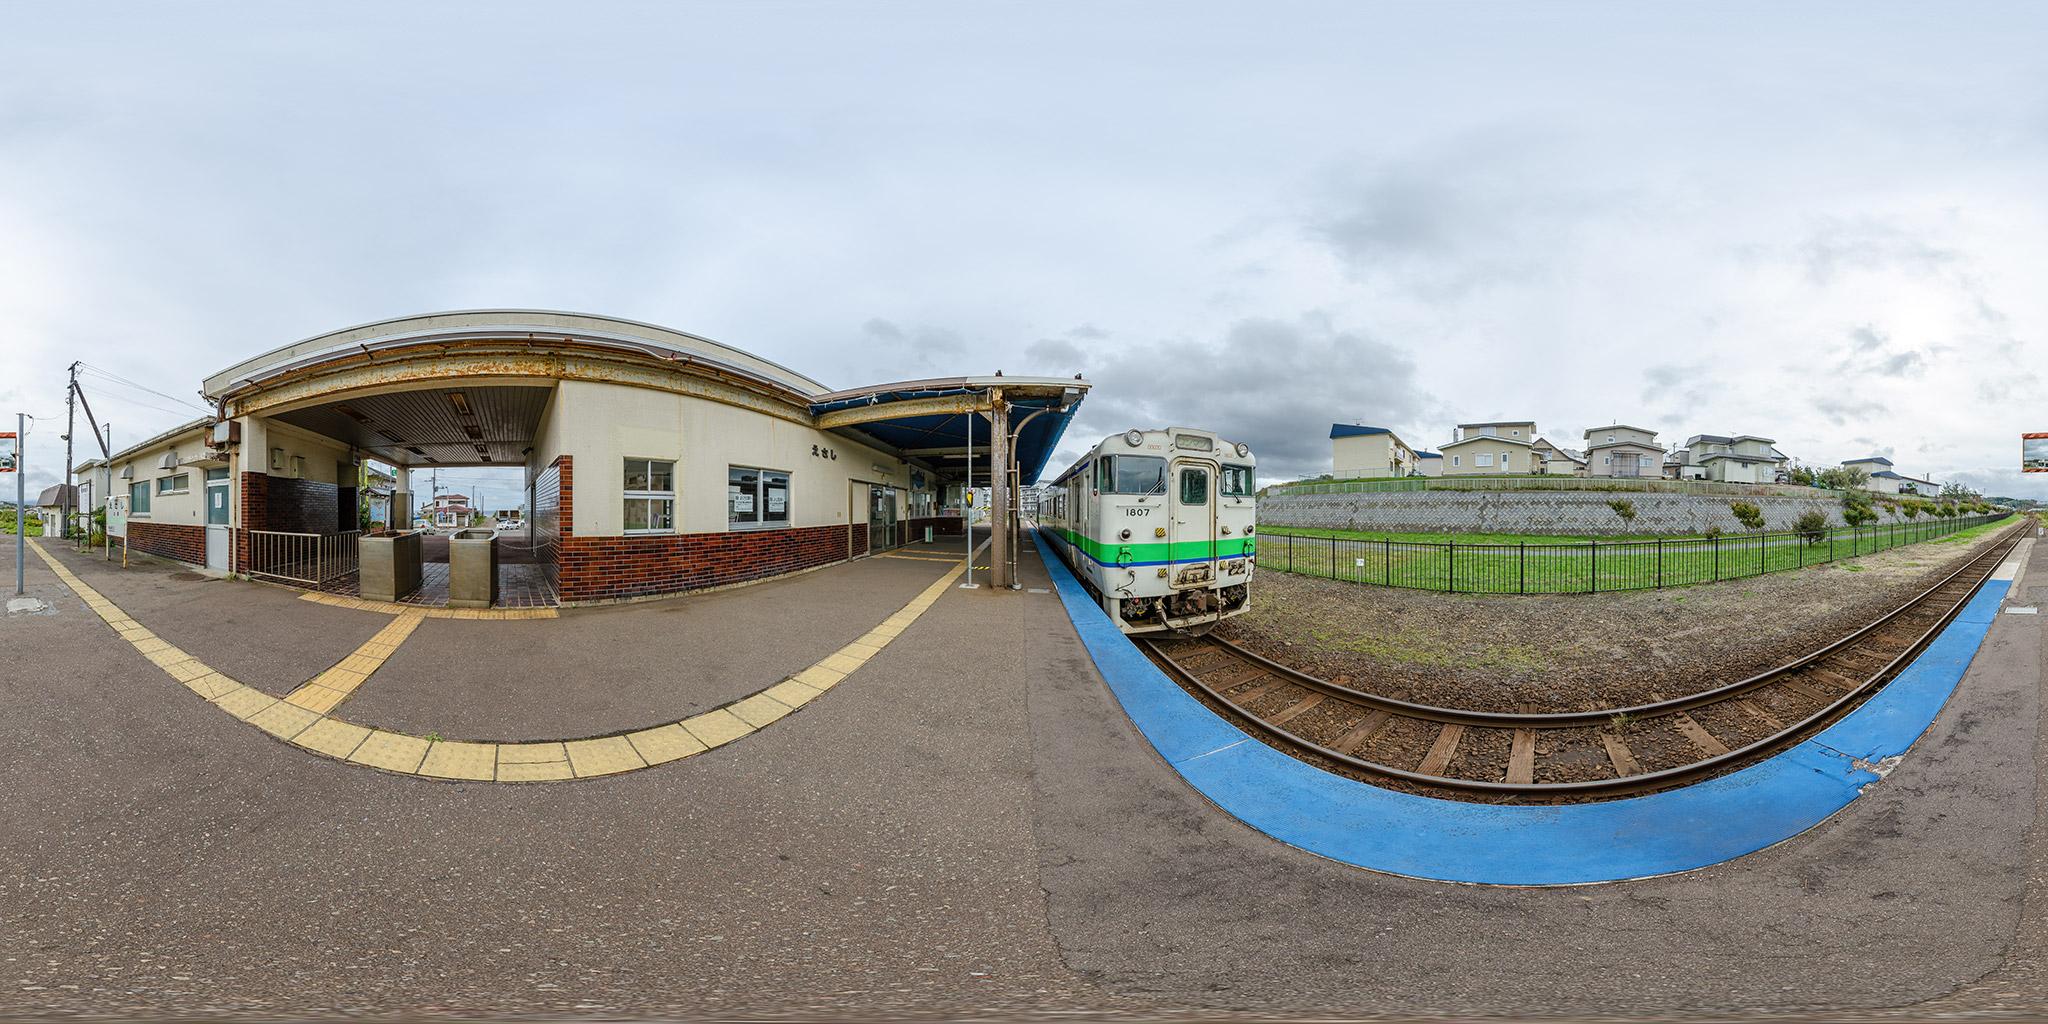 江差駅に停車中のキハ40 1807(4175D)